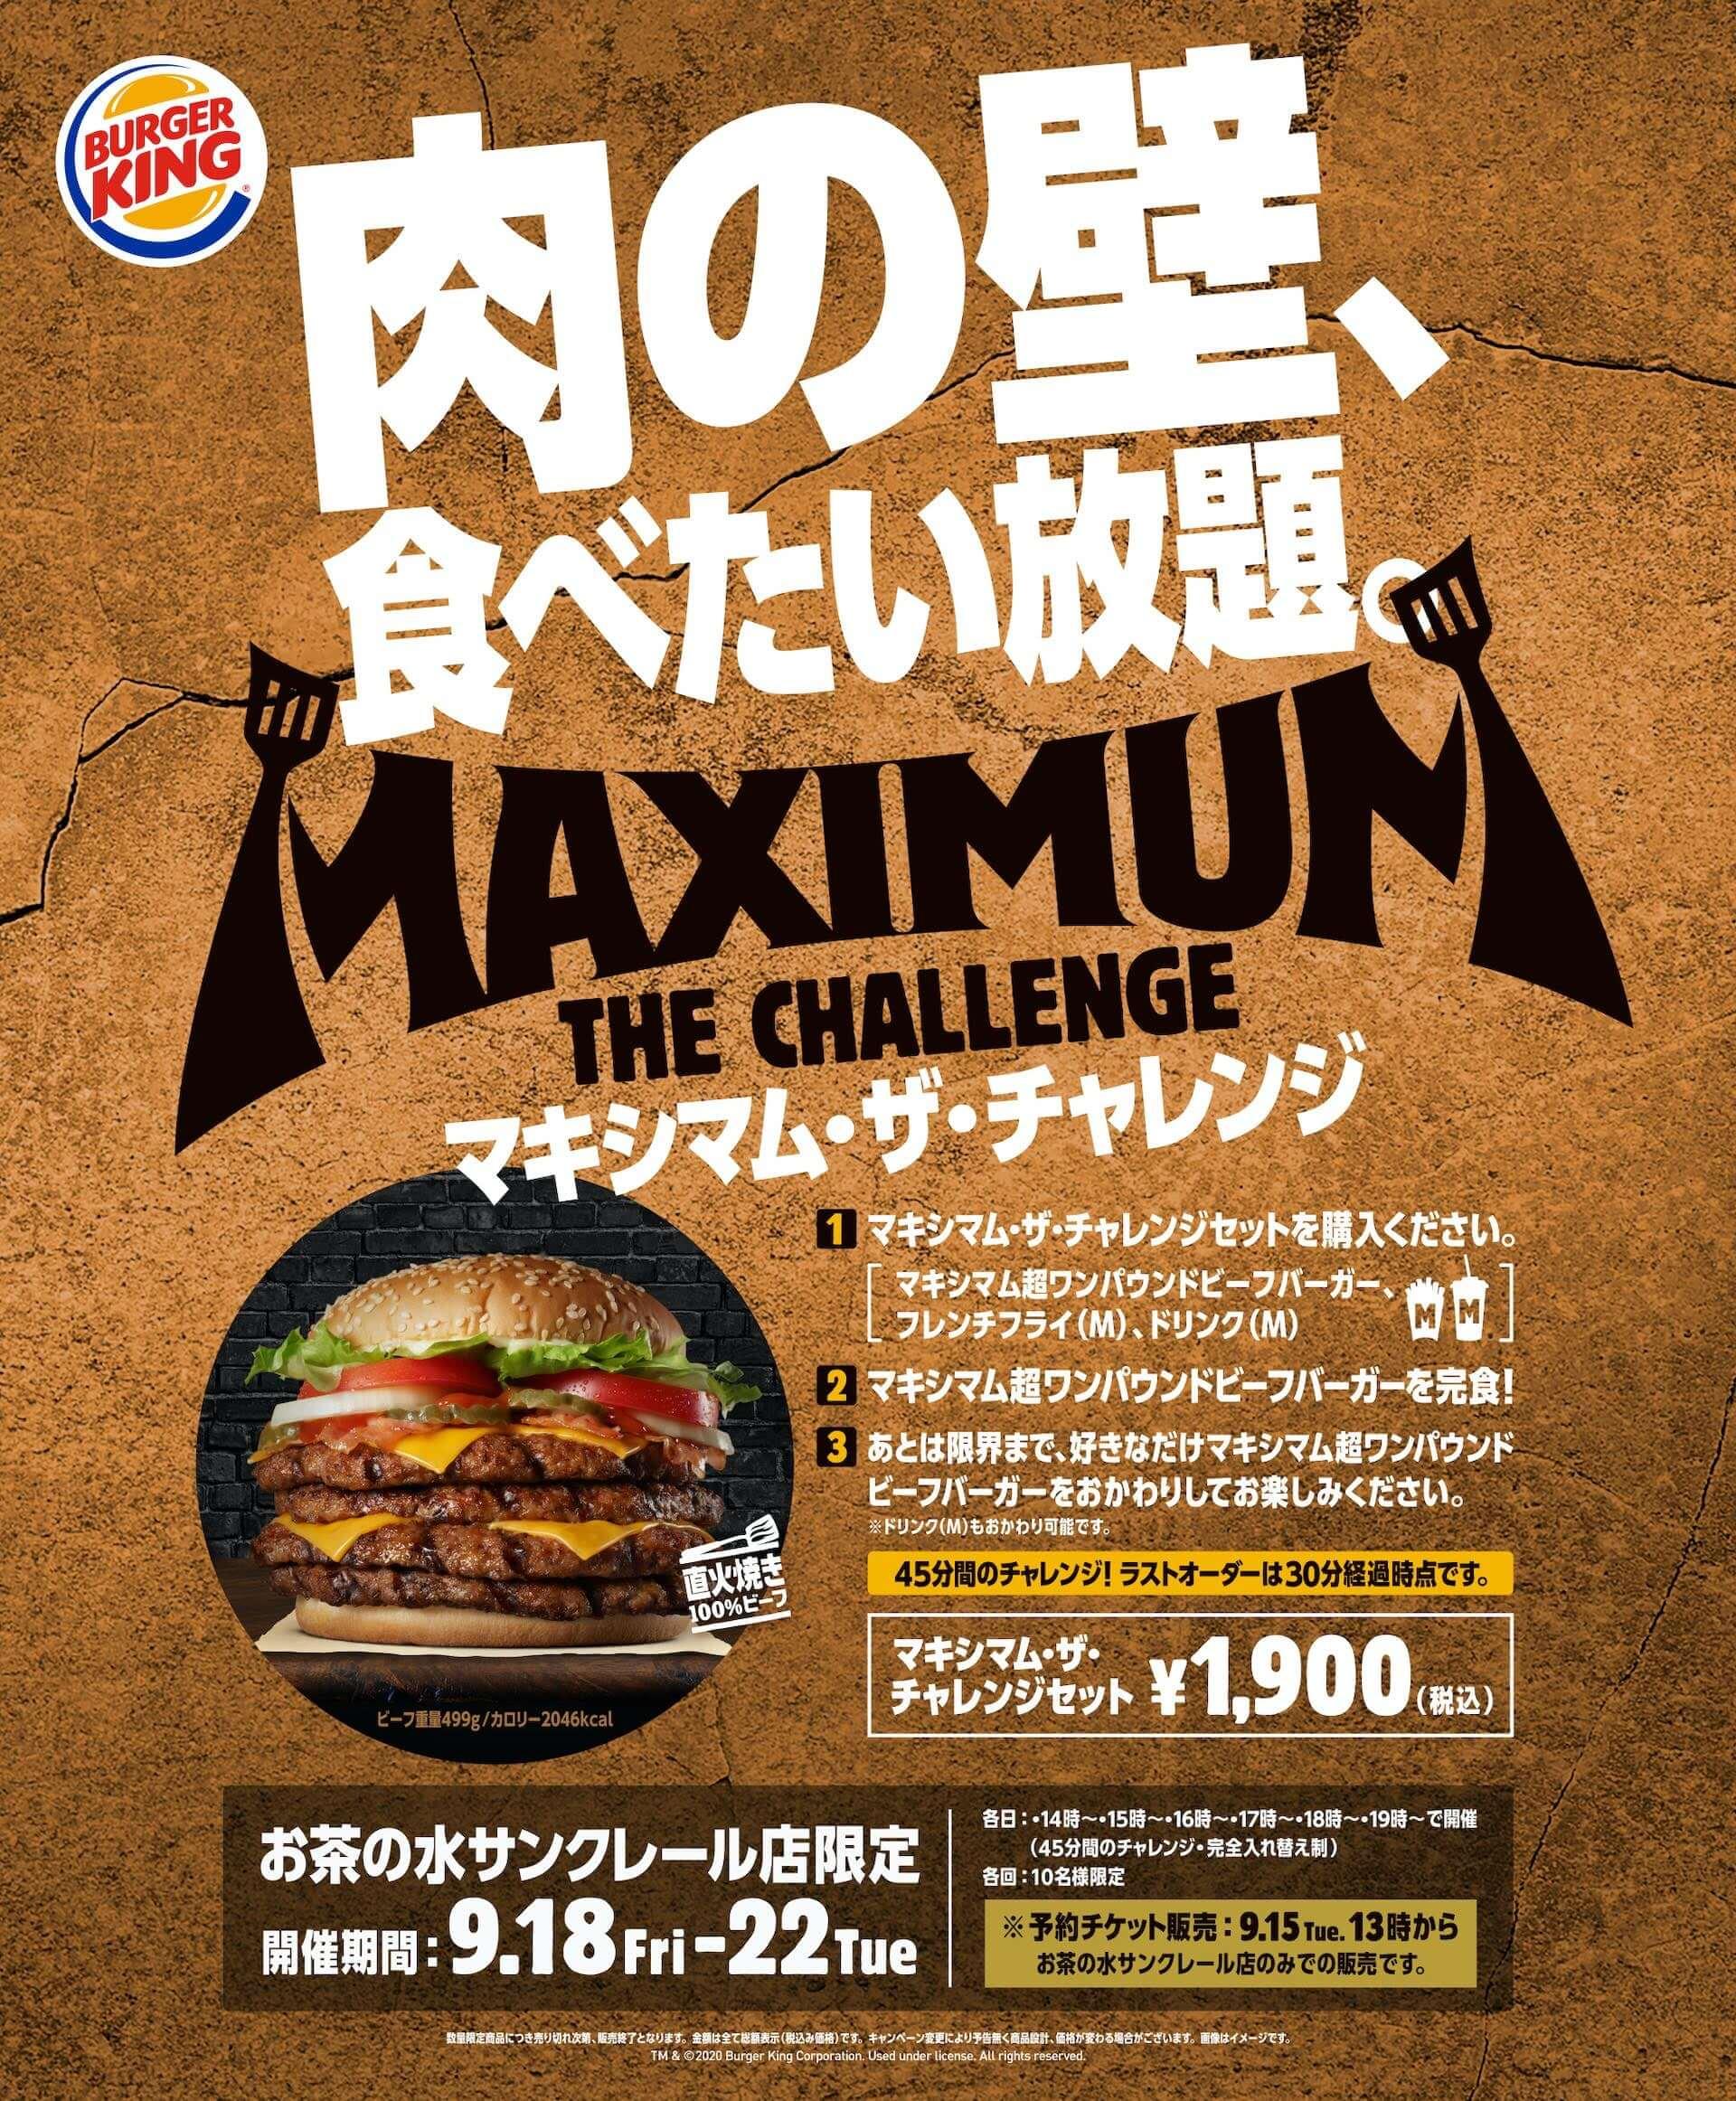 バーガーキングの最強のハンバーガーに挑め!『マキシマム超ワンパウンドビーフバーガー』が食べ放題となる期間限定キャンペーン<マキシマム・ザ・チャレンジ>開催決定 gourmet200915_burgerking_1-1920x2324